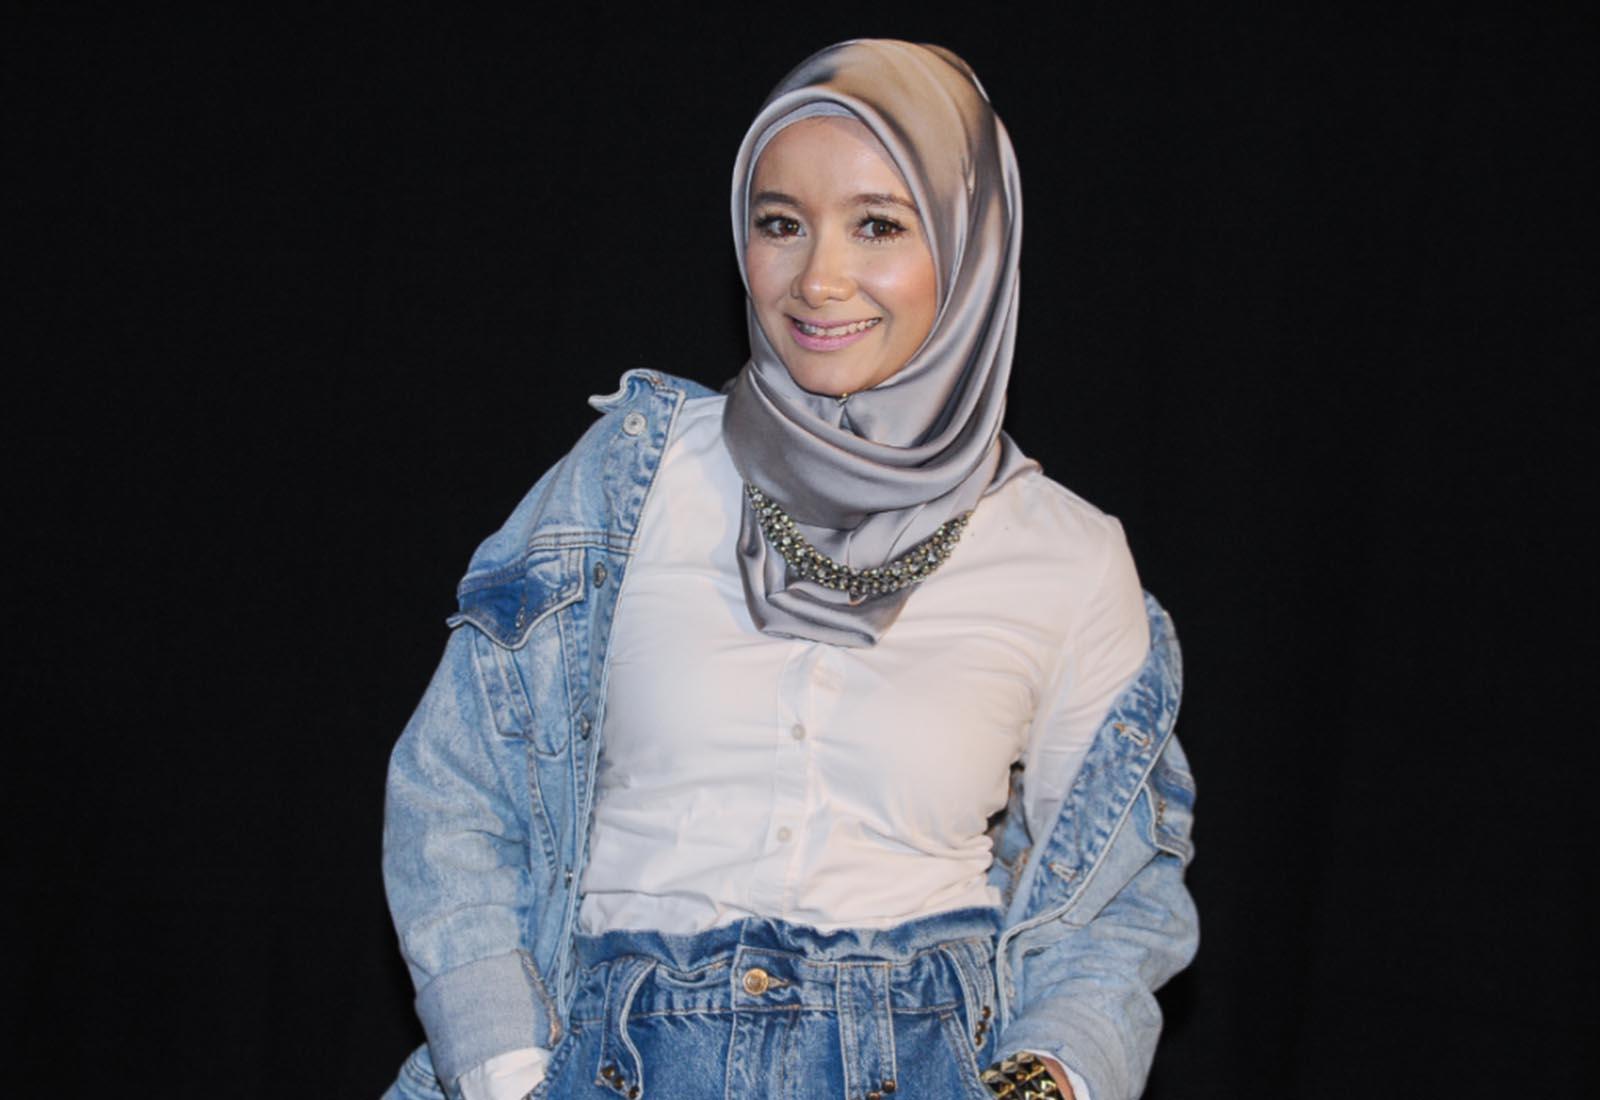 Photo of Abby Nadzri Kini Sedia Kembali Aktif Semula Dalam Dunia Lakonan